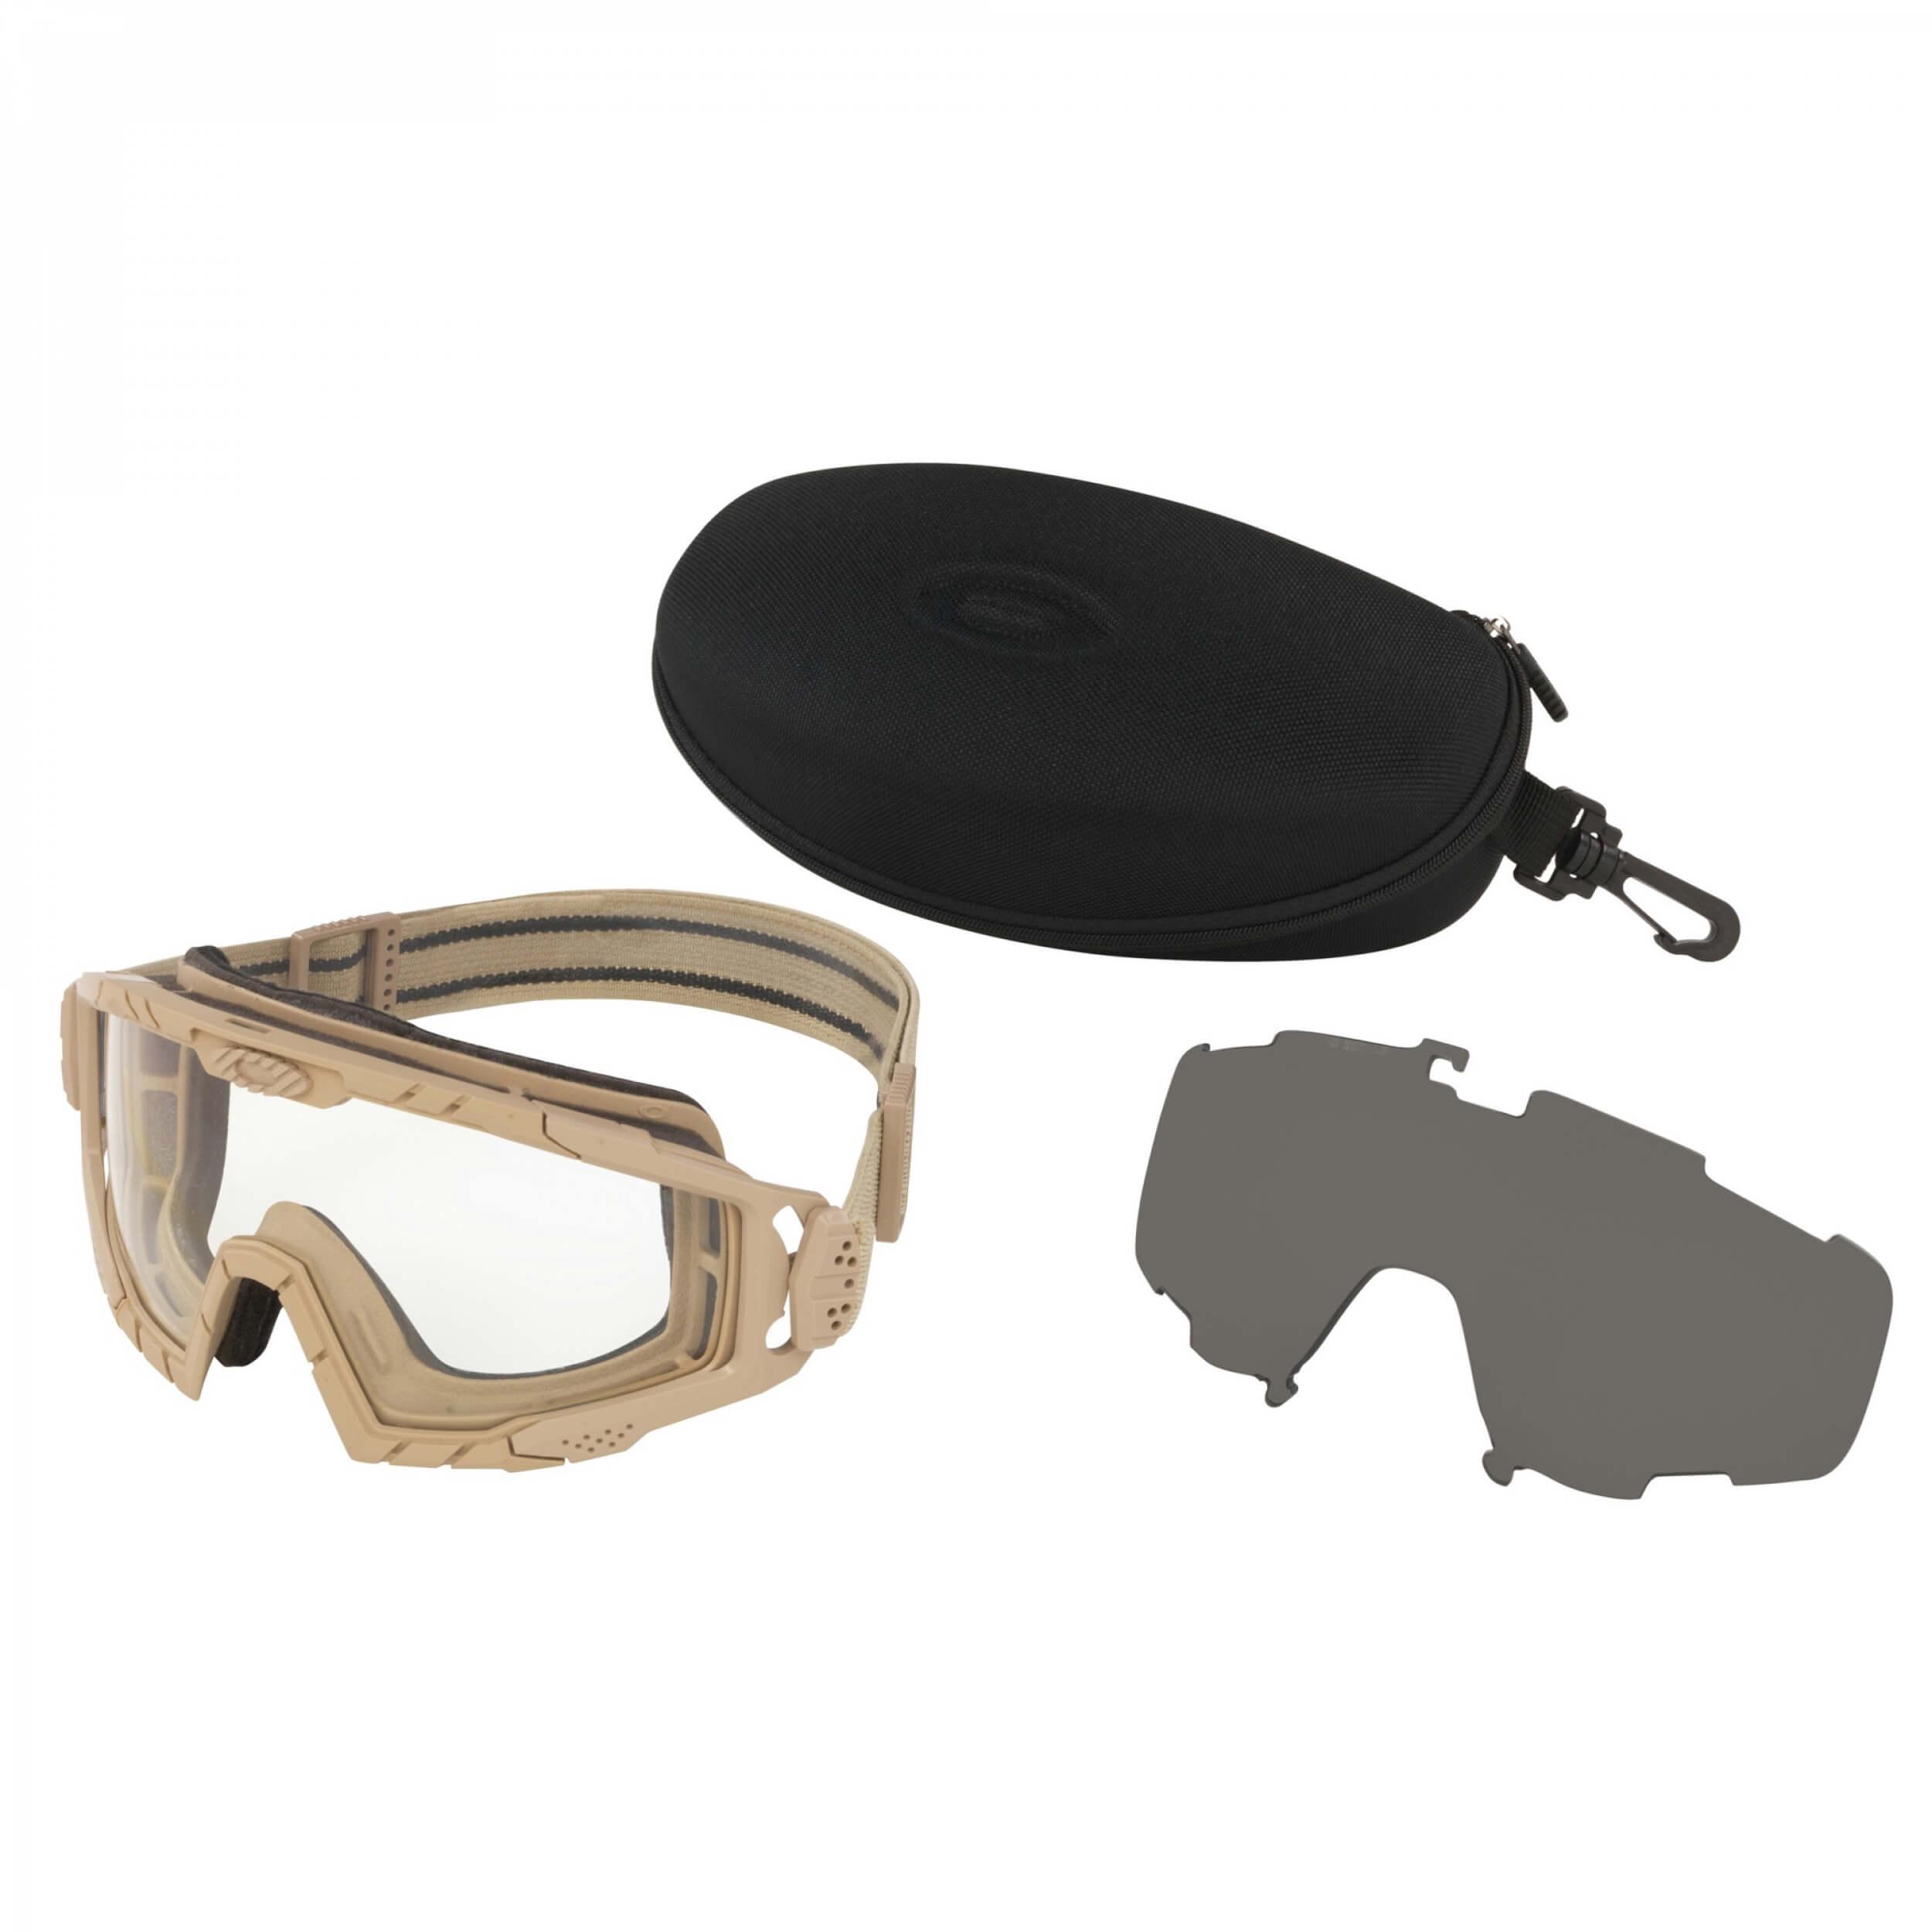 Oakley SI Ballistic Goggle 2.0 Drk Bone Array Clr/Gry